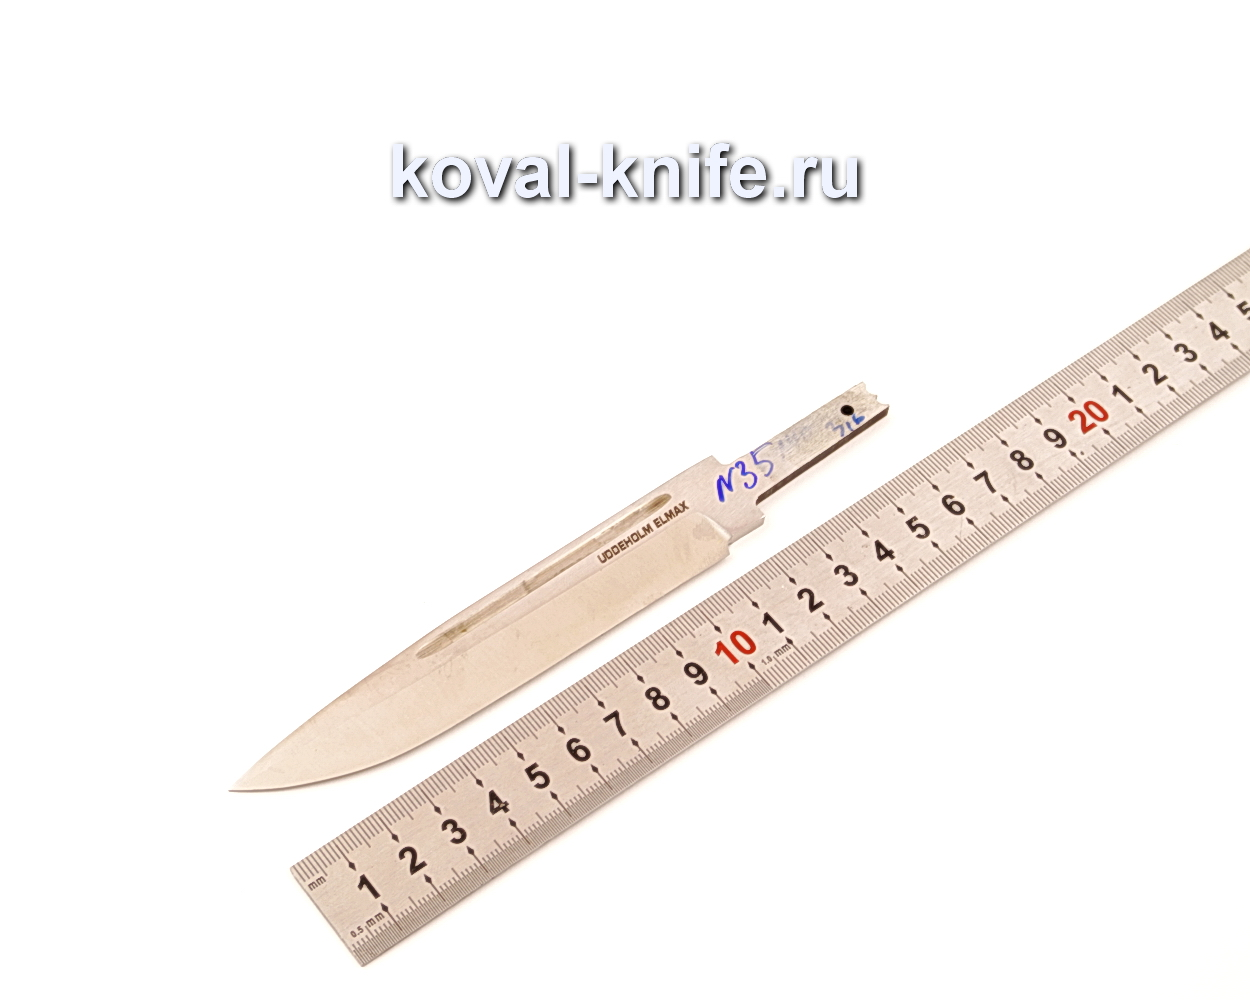 Клинок для ножа из порошковой стали Elmax N35